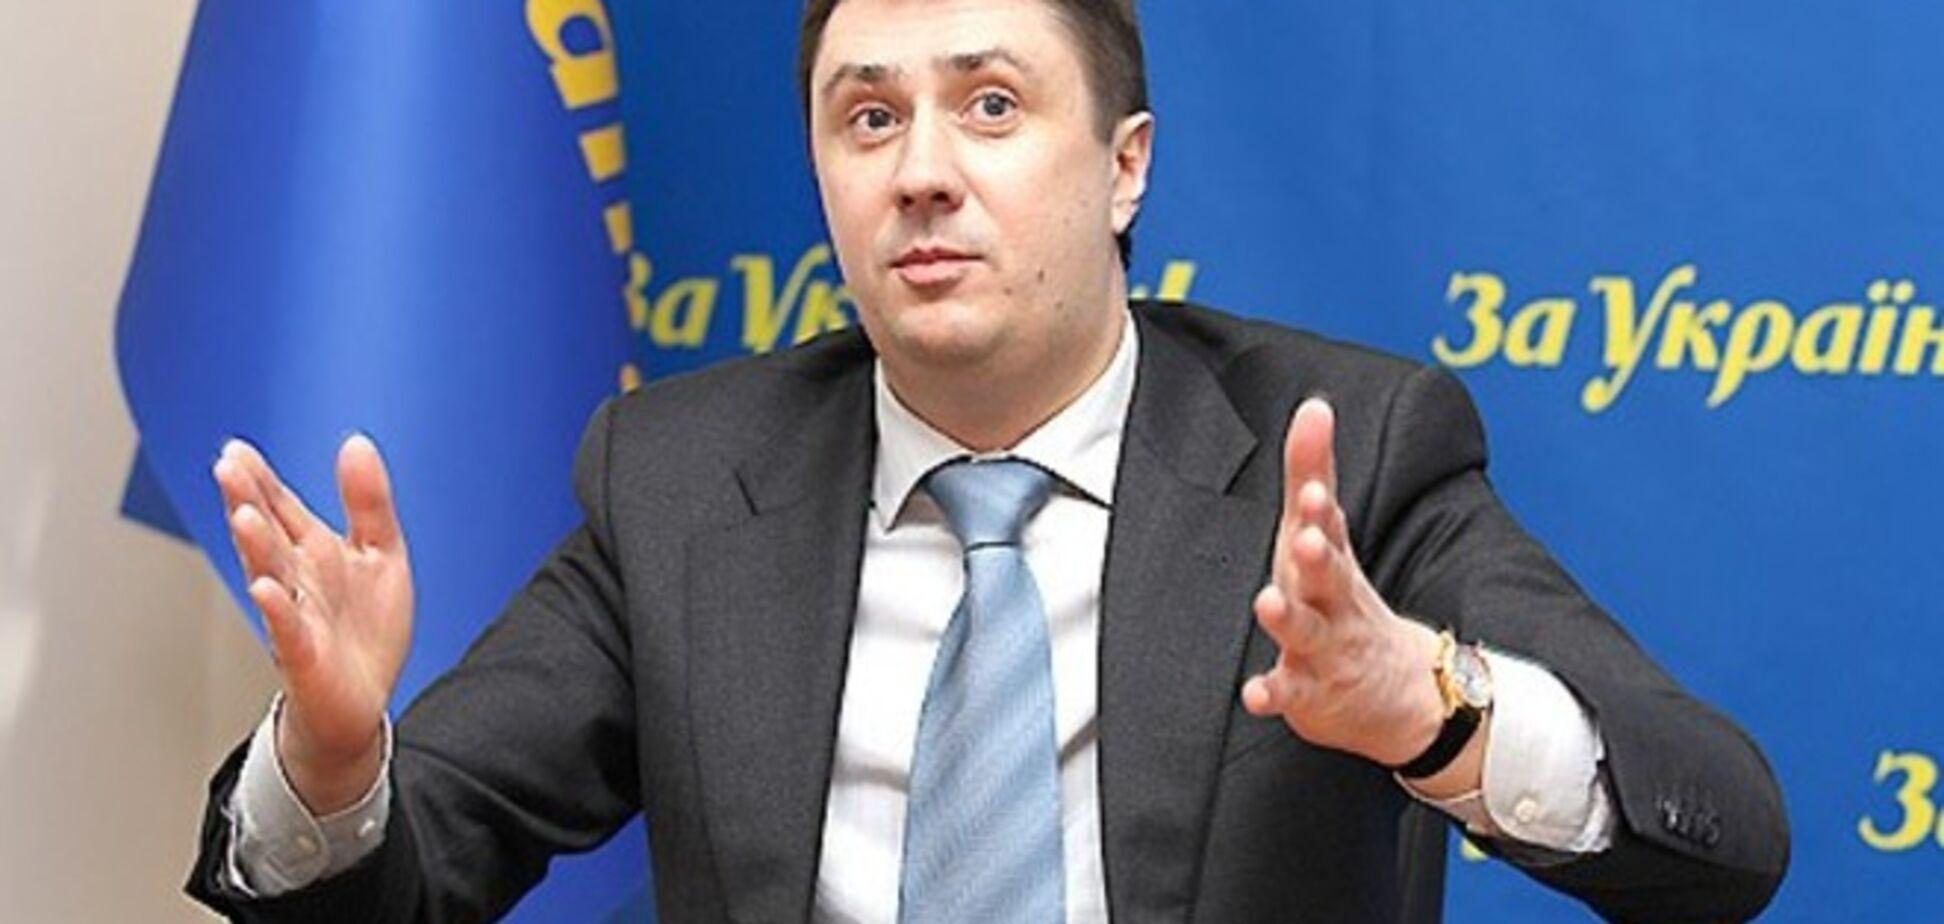 Іменем Майдану: Як тестя відомого політика 'працевлаштовують' на посаду ректора